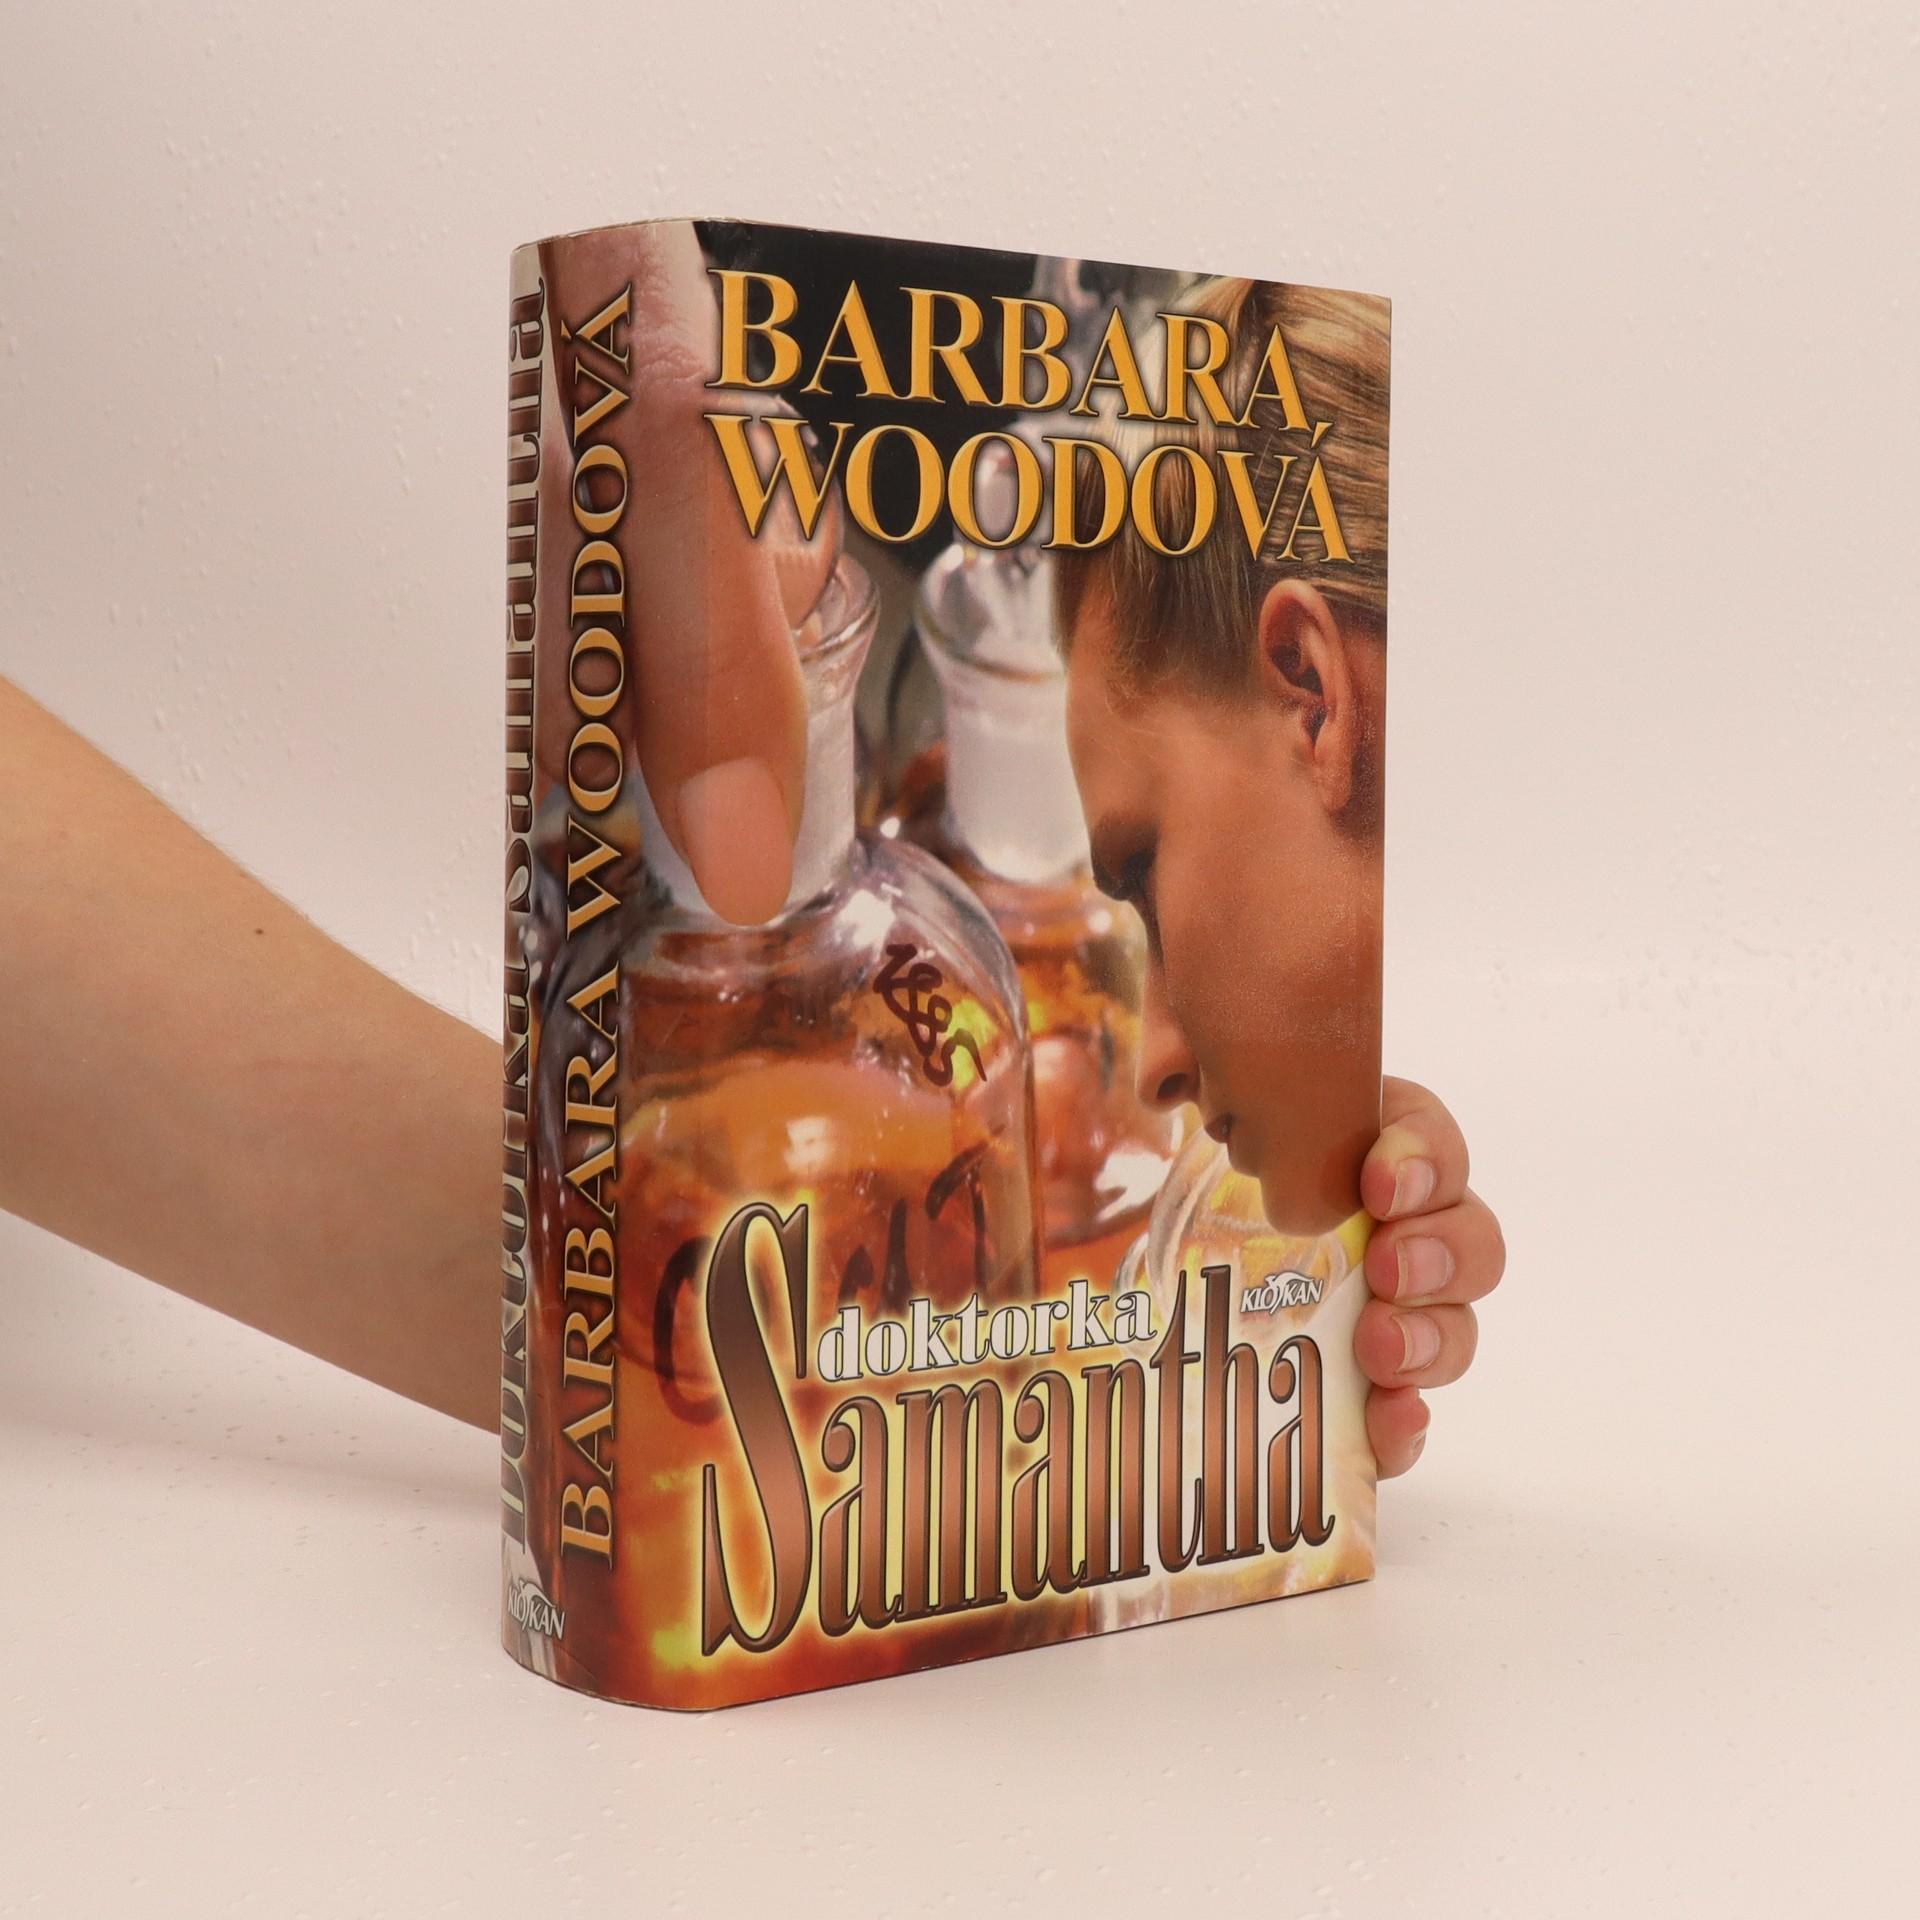 antikvární kniha Doktorka Samantha, 2001